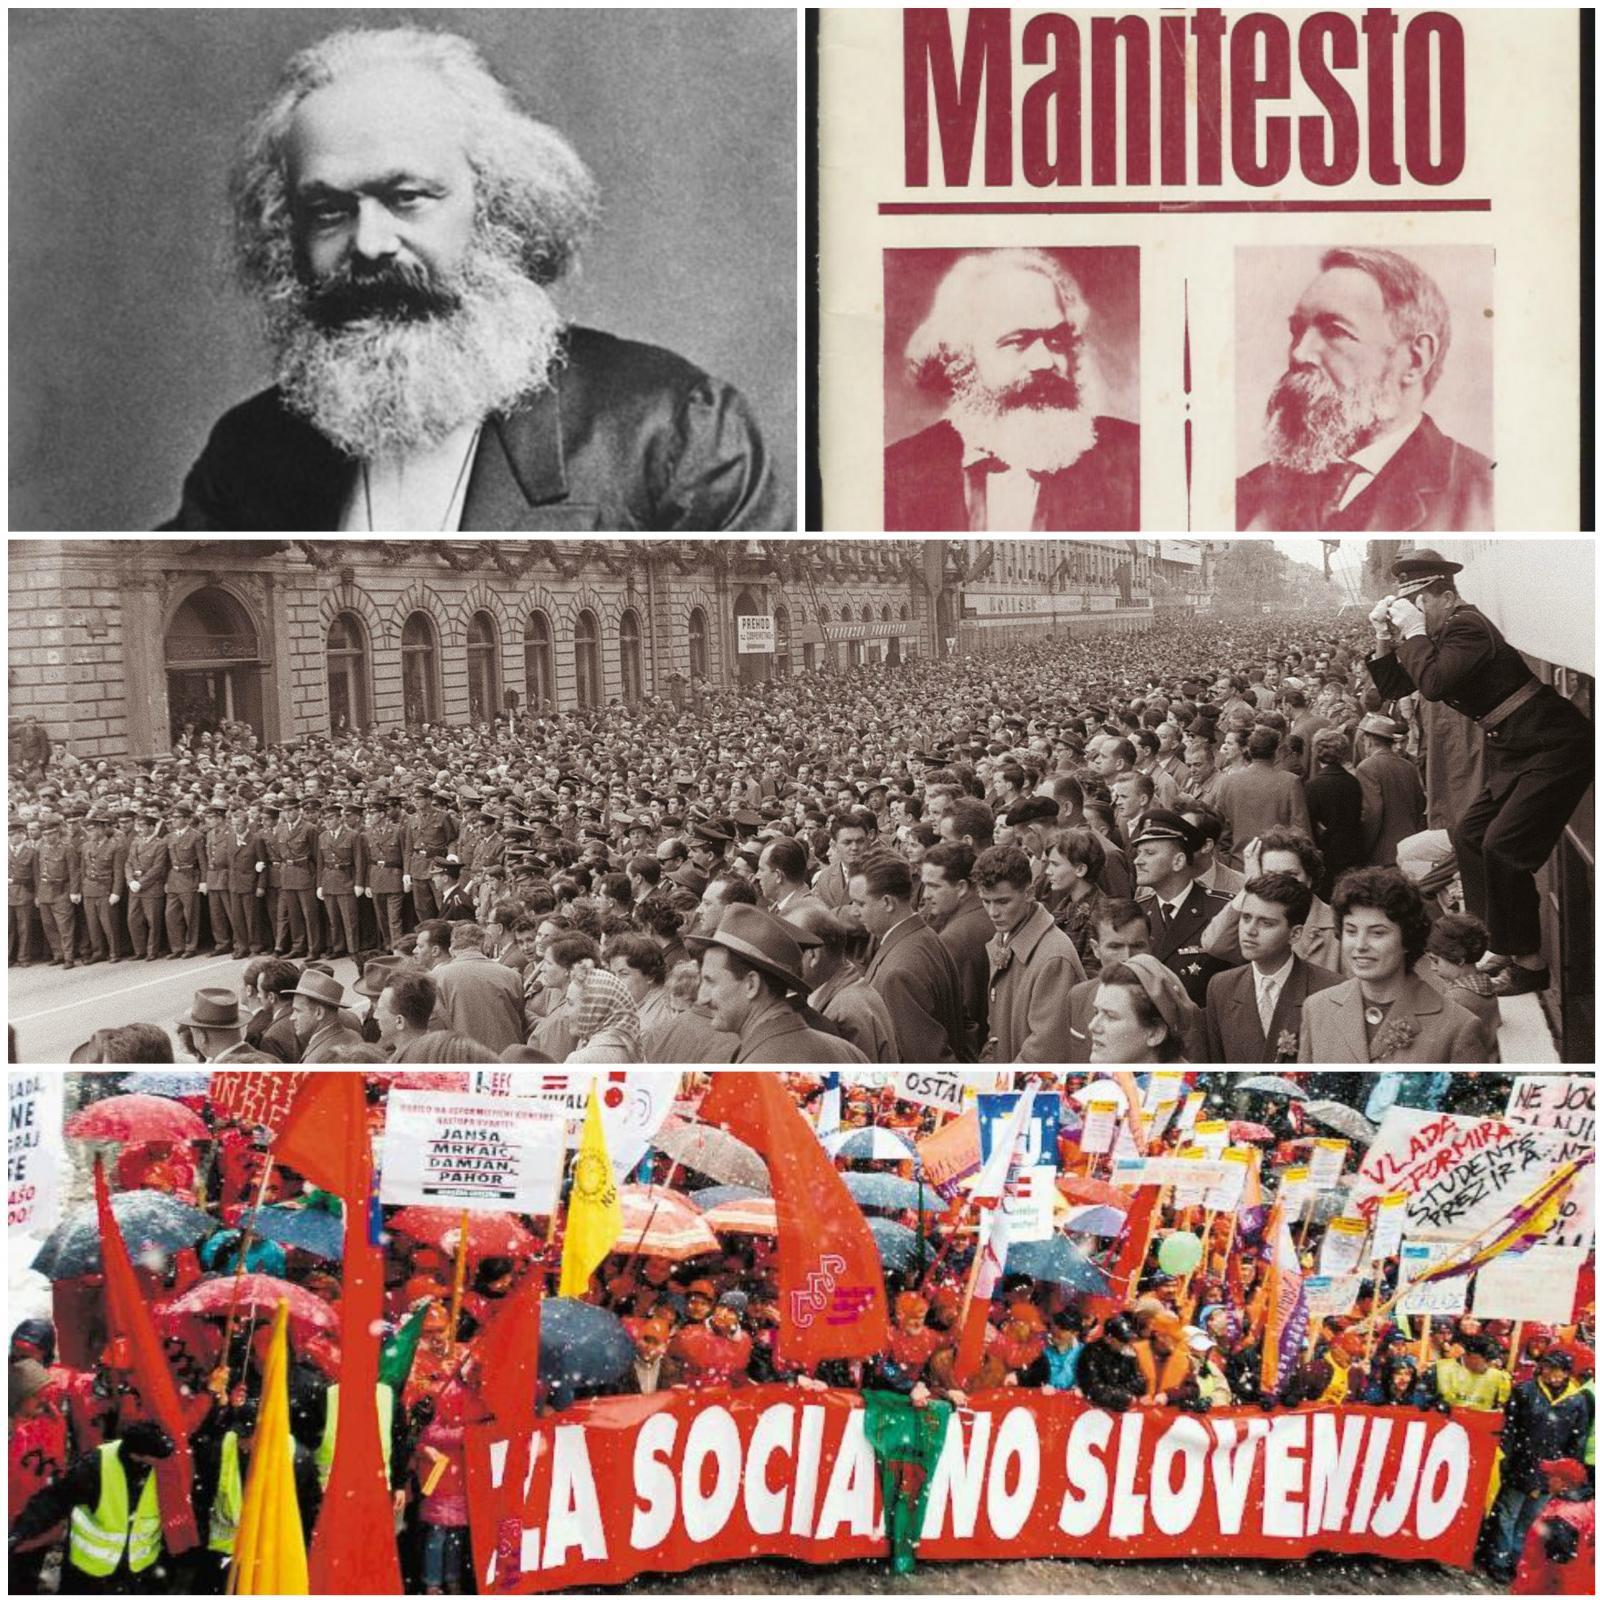 Demonstracije in Marx